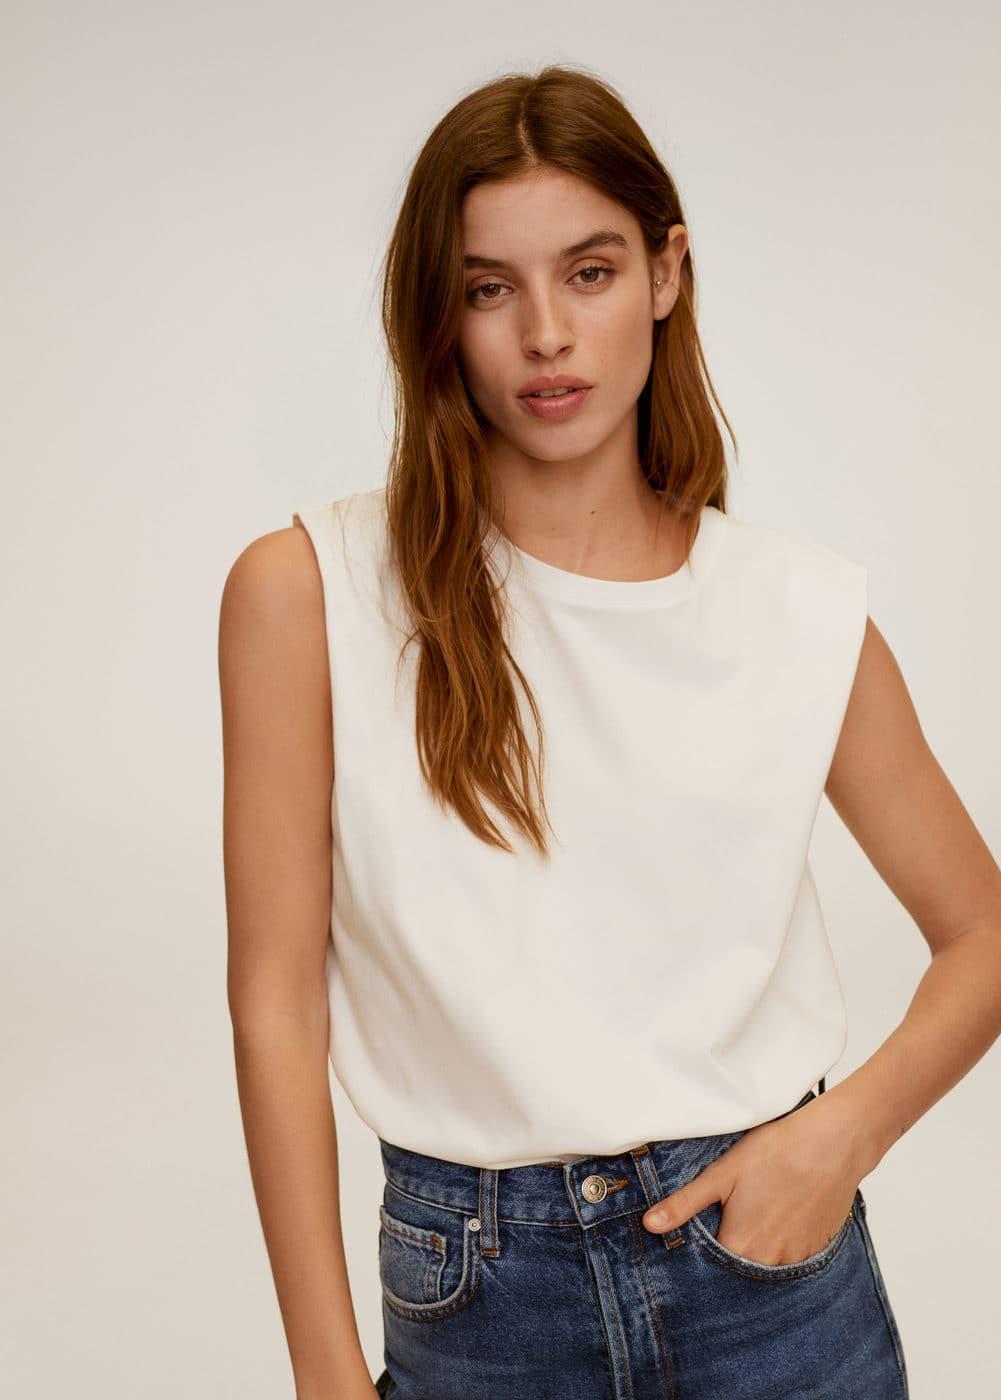 m-klein:camiseta sin mangas